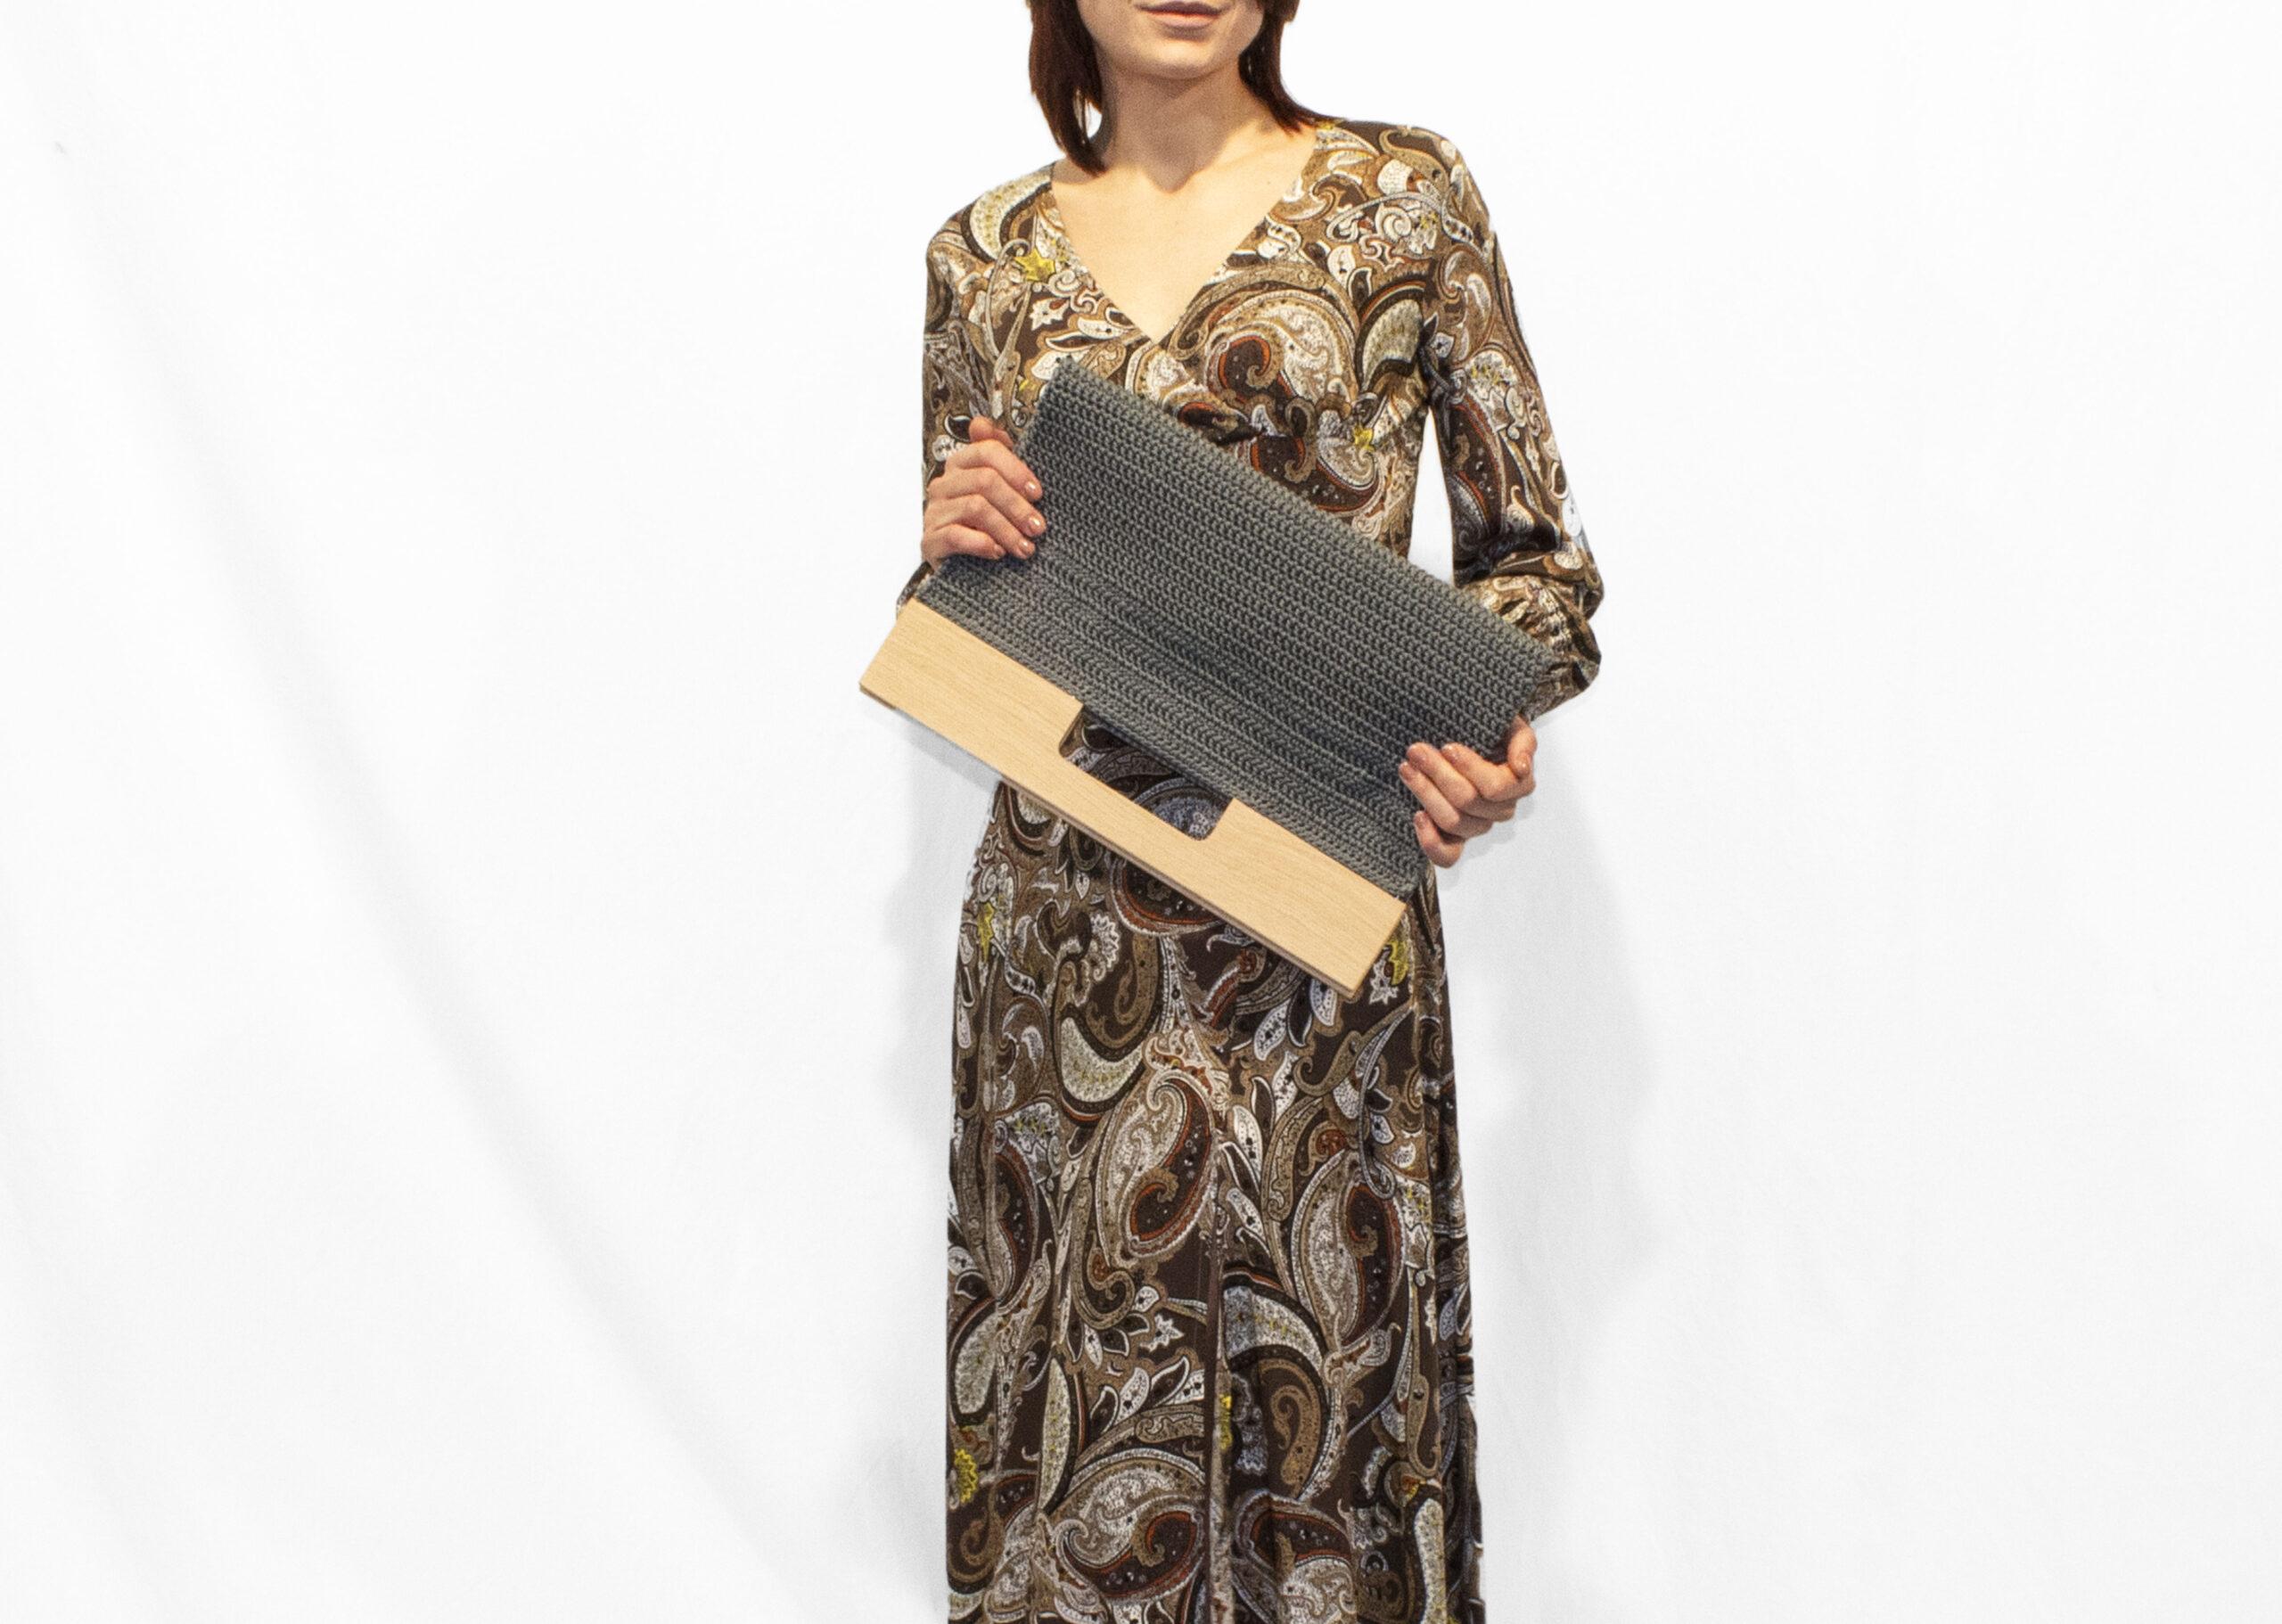 SAYAH-borsa-tote-lavorata-a-maglia-color-grigio-by-disegnopiù-Alena-Ianko(2)